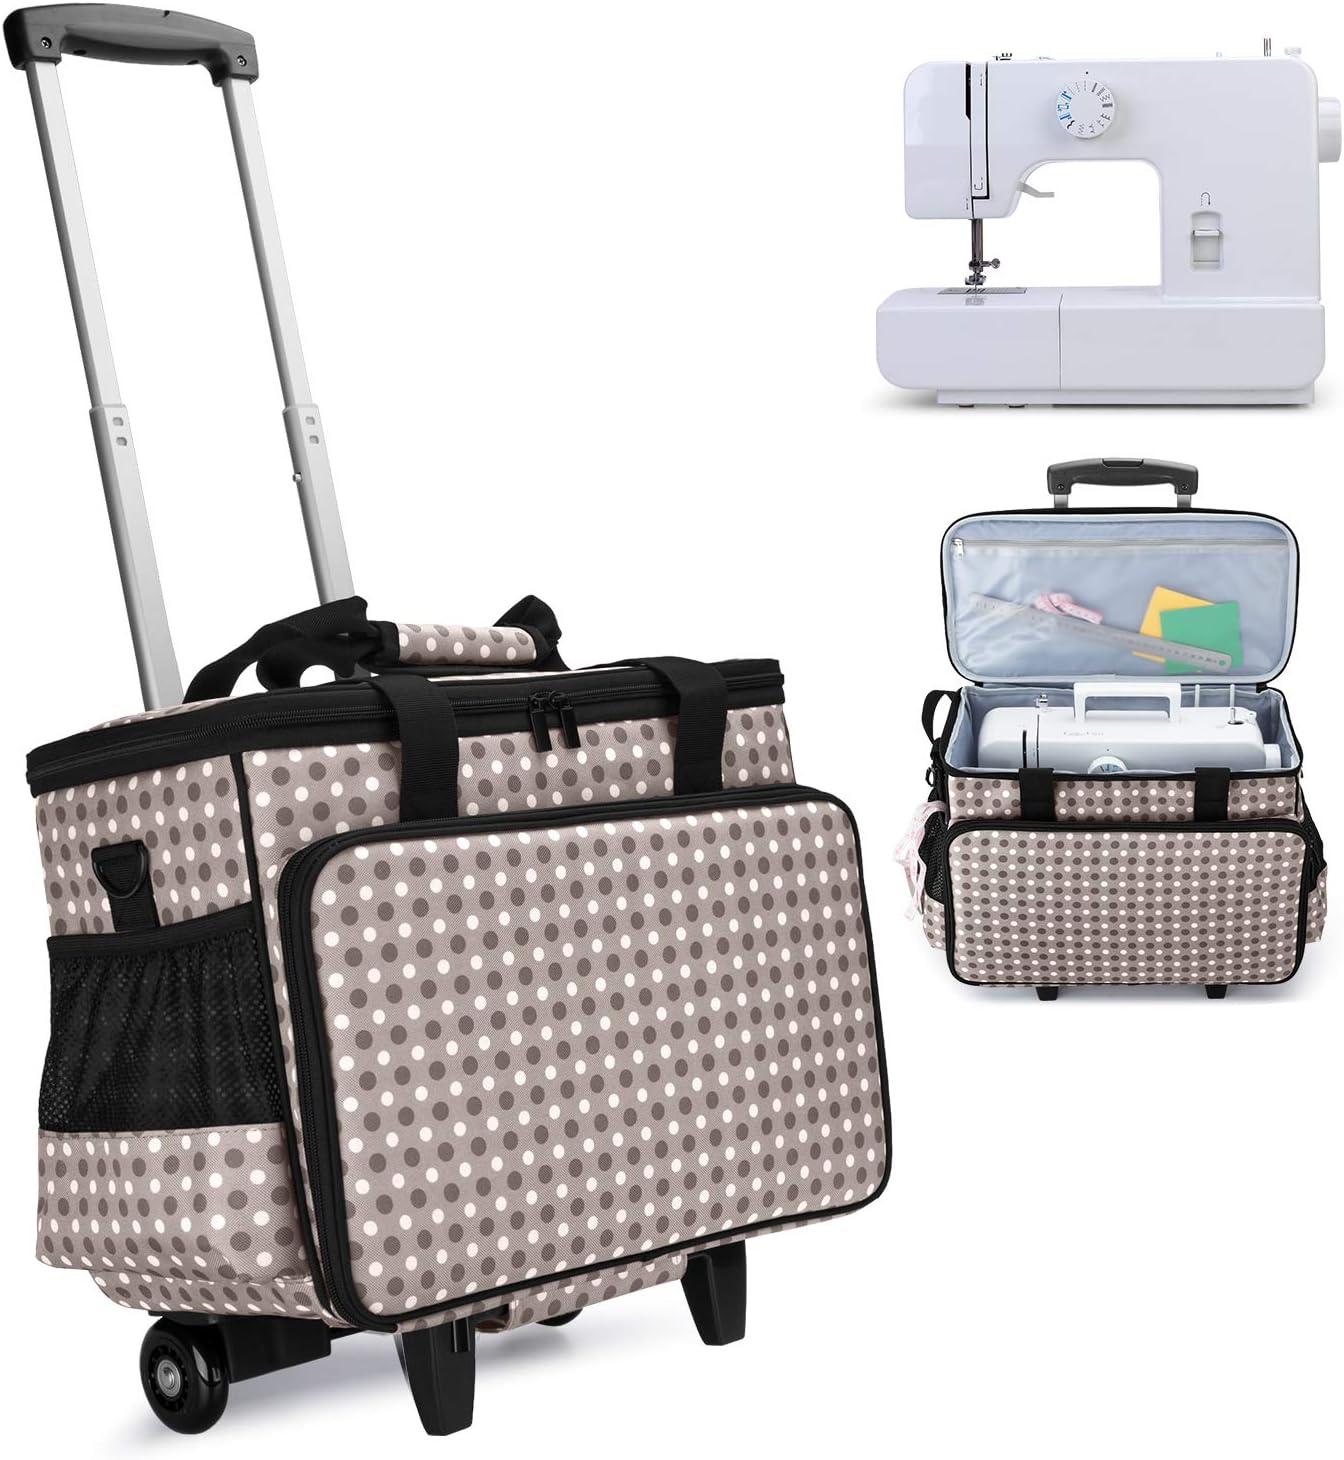 Yarwo Maletas de Transporte para Máquinas de Coser, Bolsa de Trolley para Máquina de Coser con Tablero Duro para apoyar la Parte Inferior, Adecuado para la mayoría de Las máquinas de Coser universales